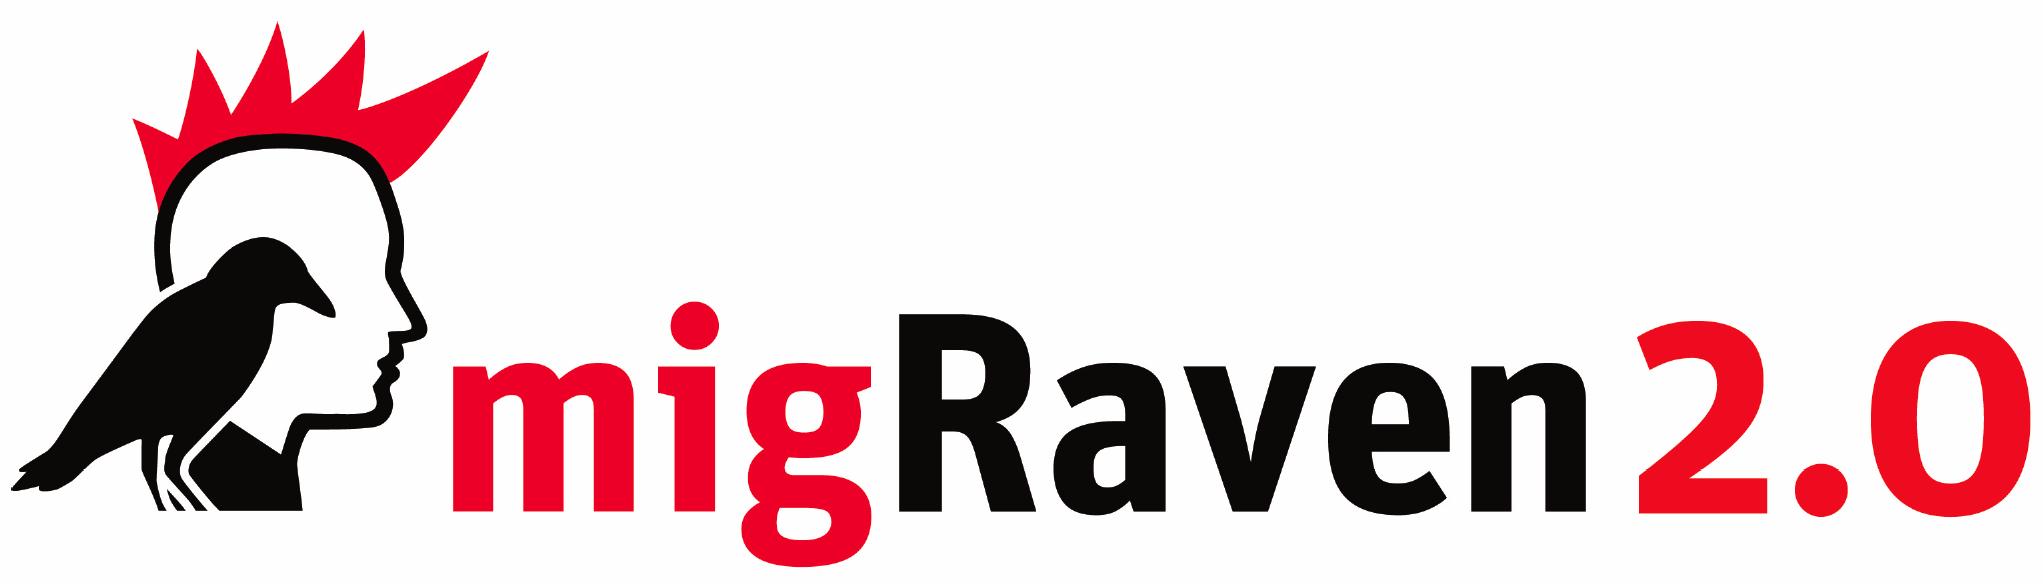 migRaven.one 2.0 - das neue Multifunktionstool für Visualisierung, Redesign und Migration von NTFS Verzeichnis- und Berechtigungsstrukturen